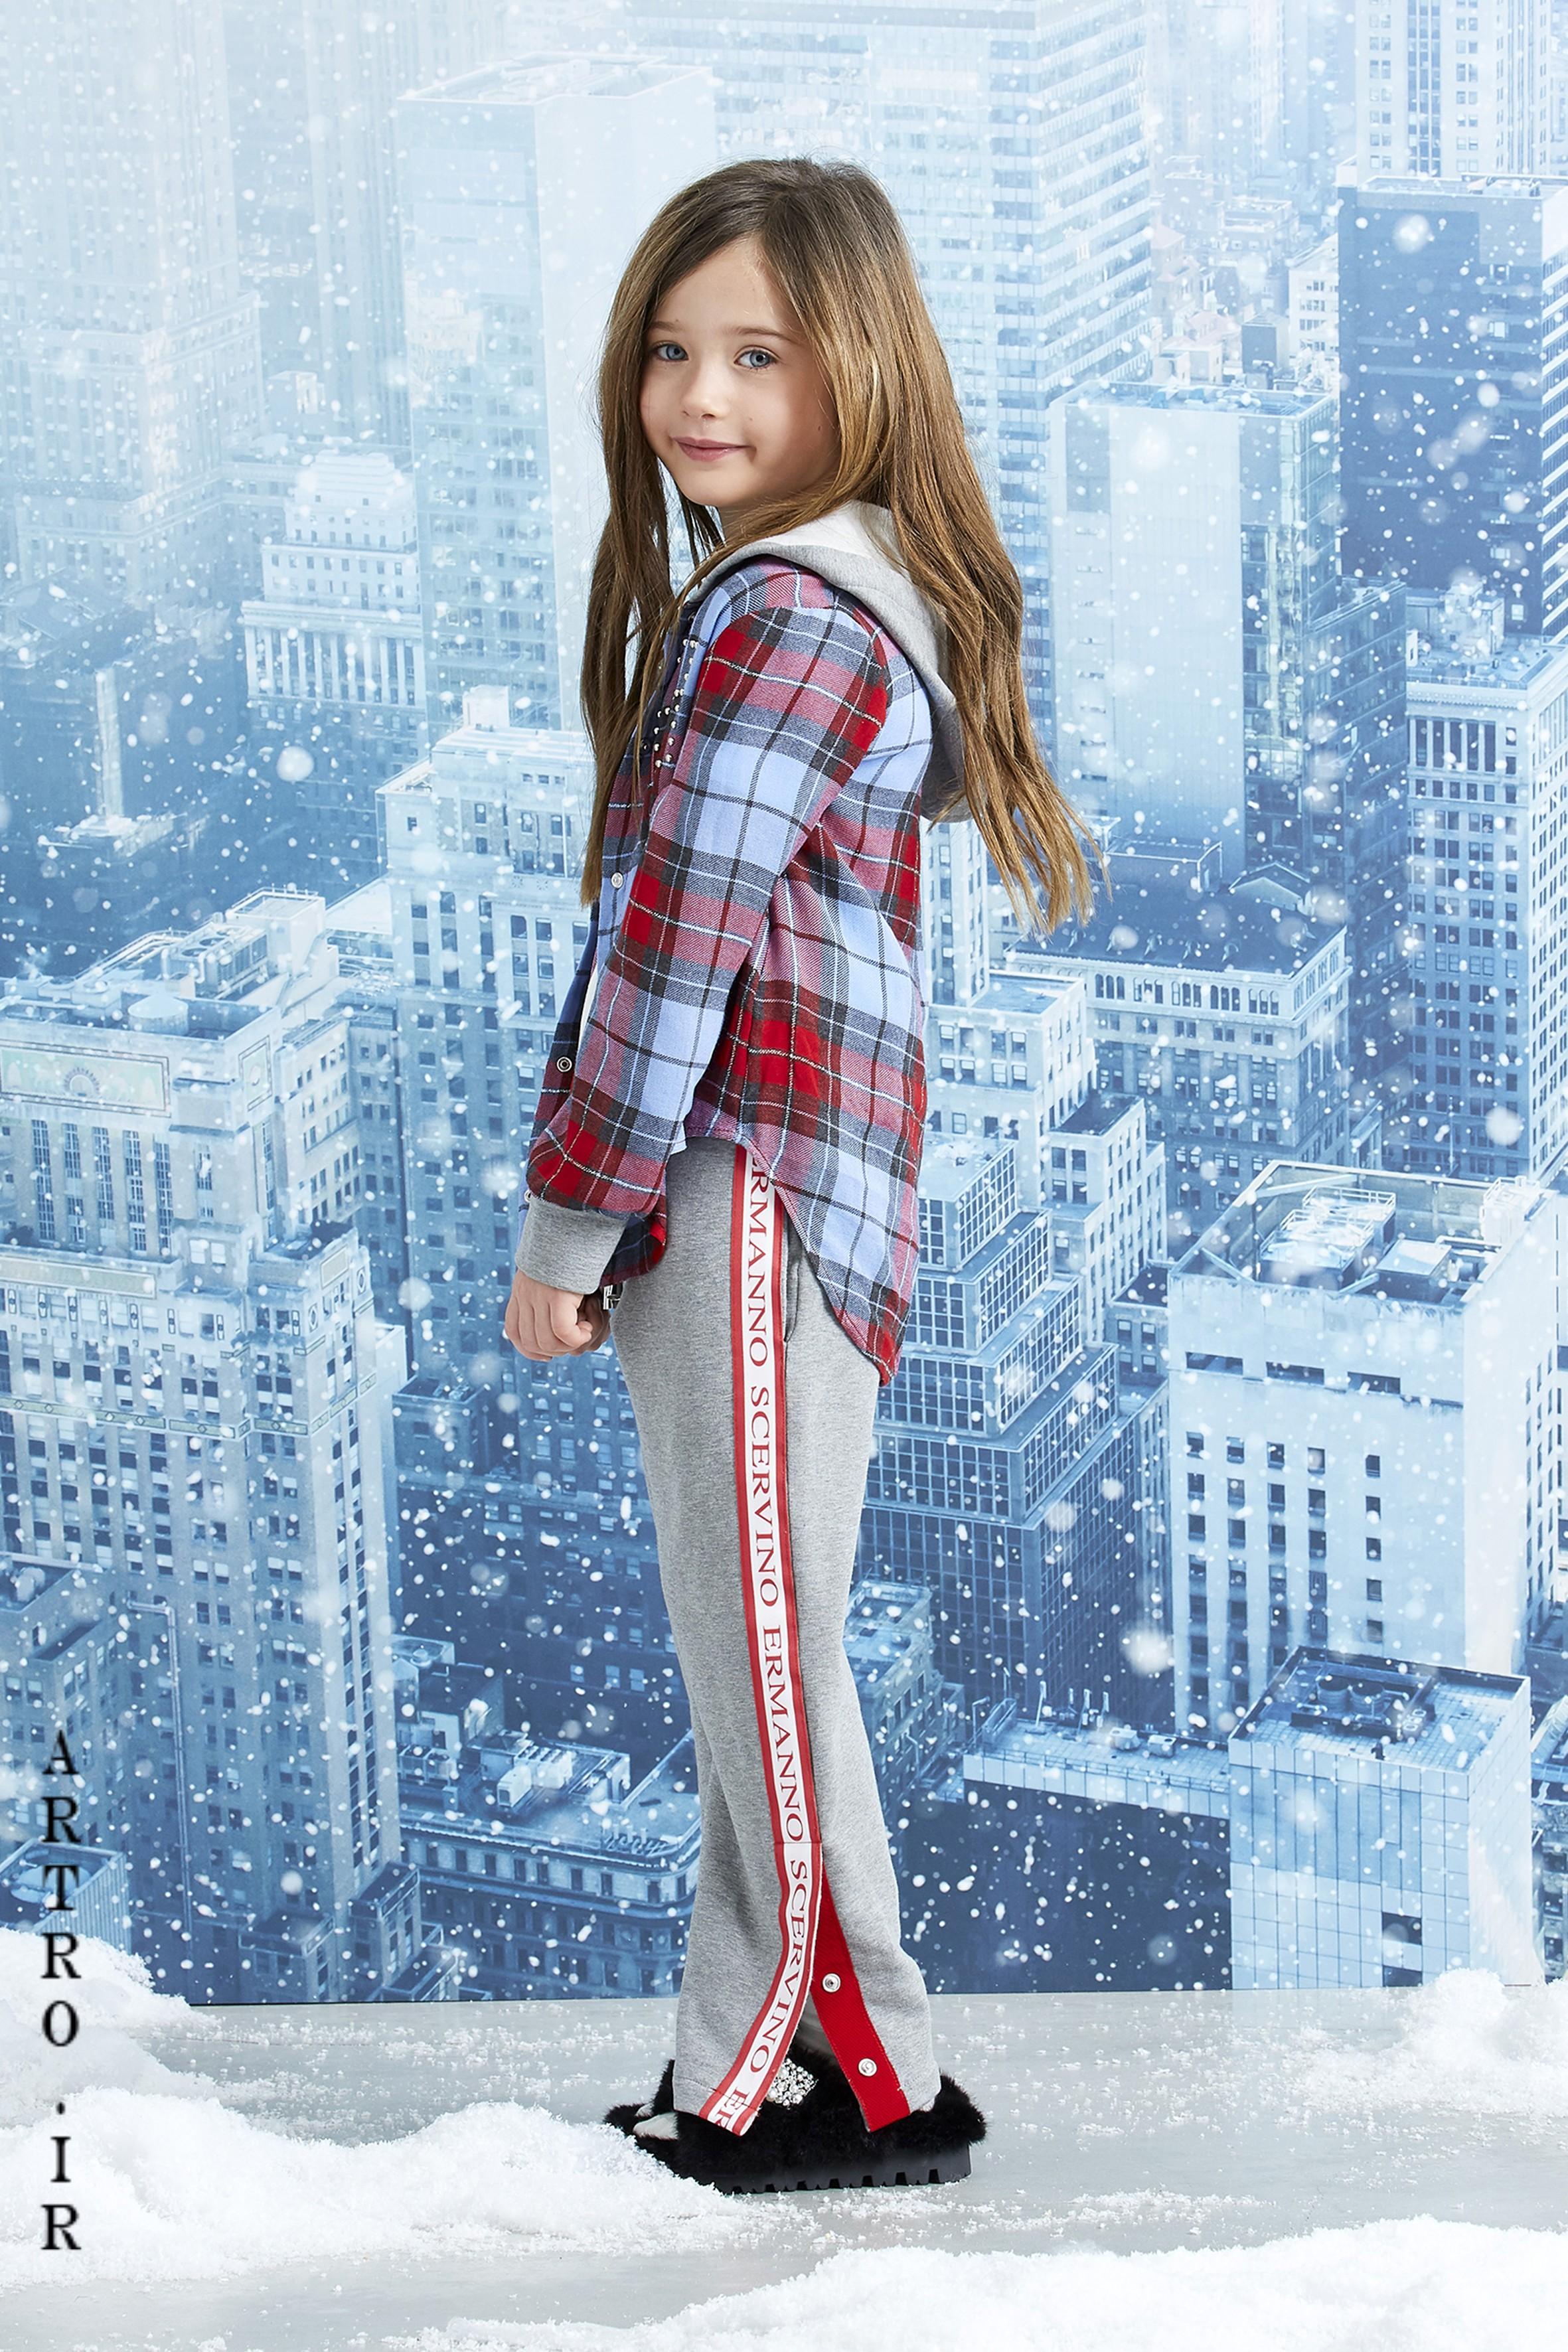 مدل پیراهن زمستانی دختربچه چهارخونه